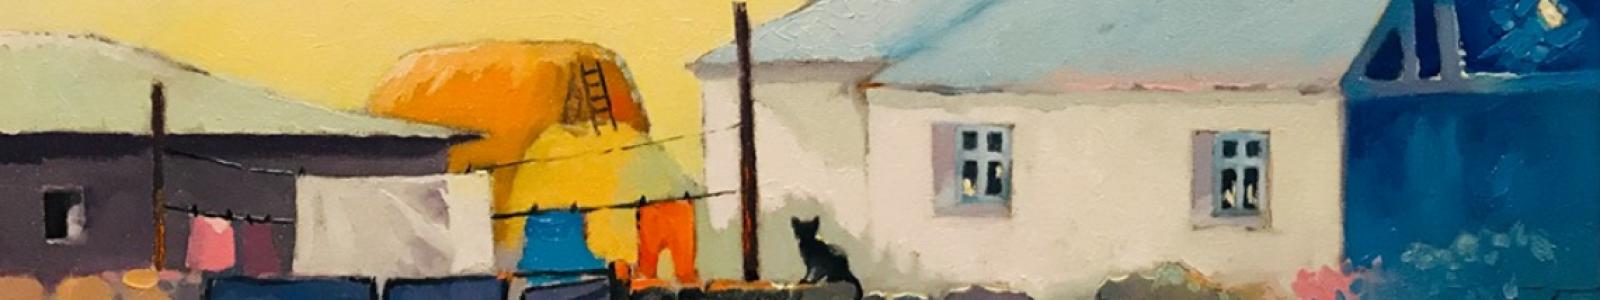 Gallery Painter Sevak Baghdasaryan